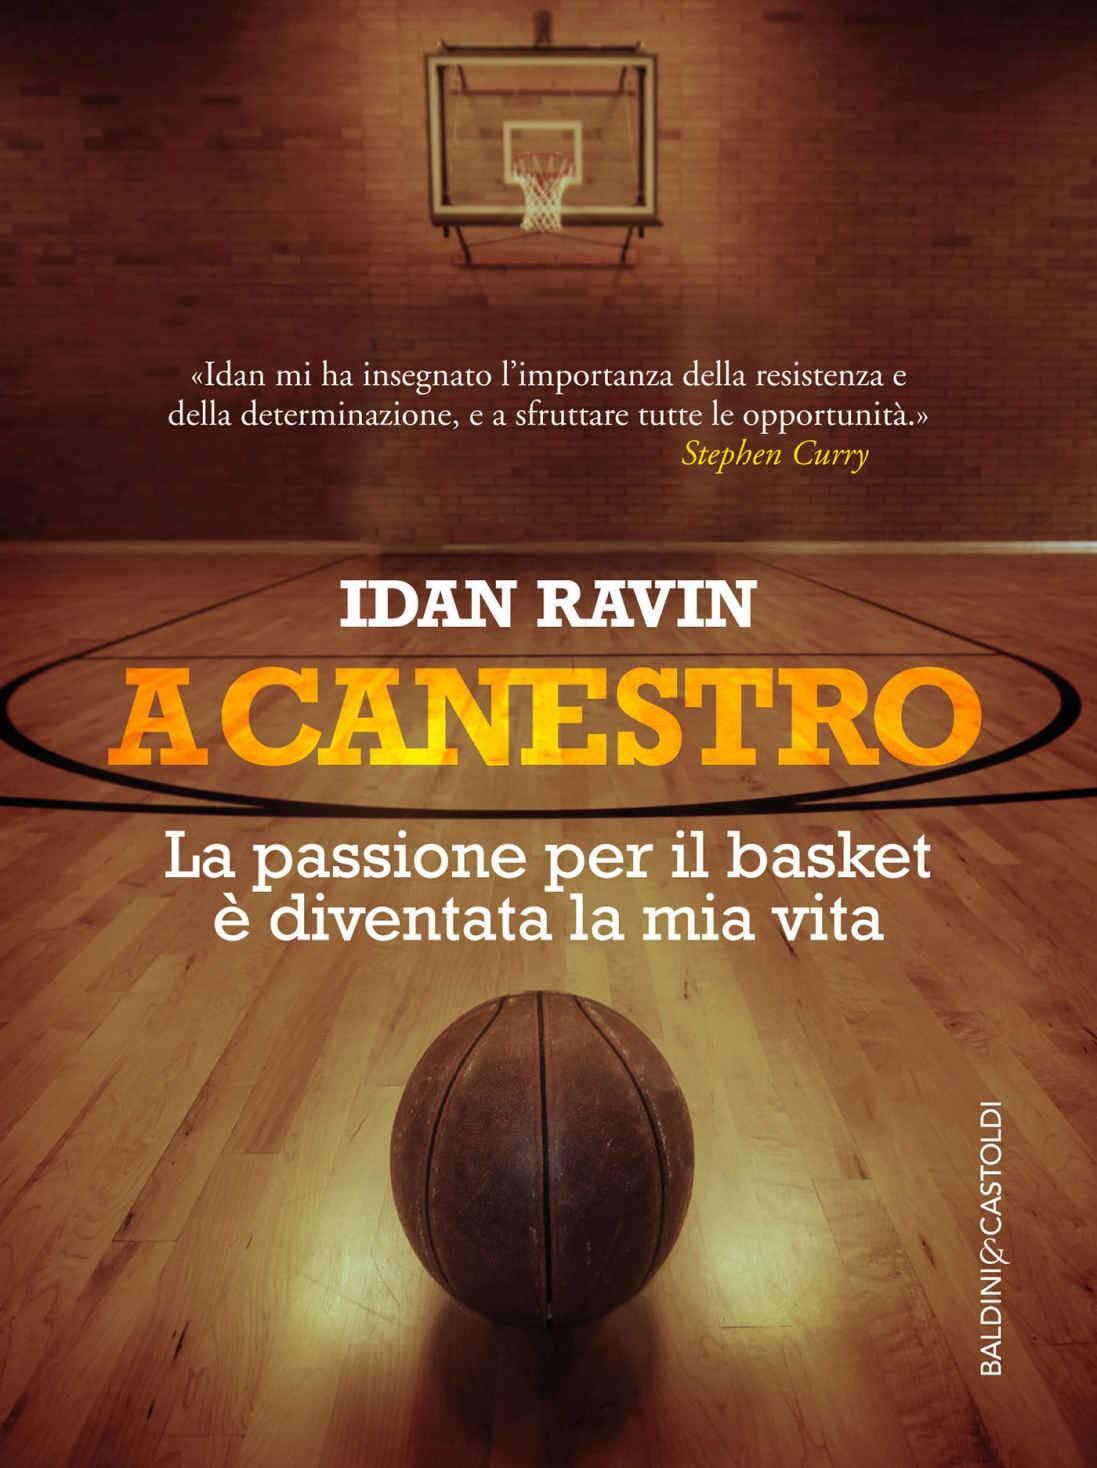 Idan Ravin - A canestro. La passione per il basket è diventata la mia vita